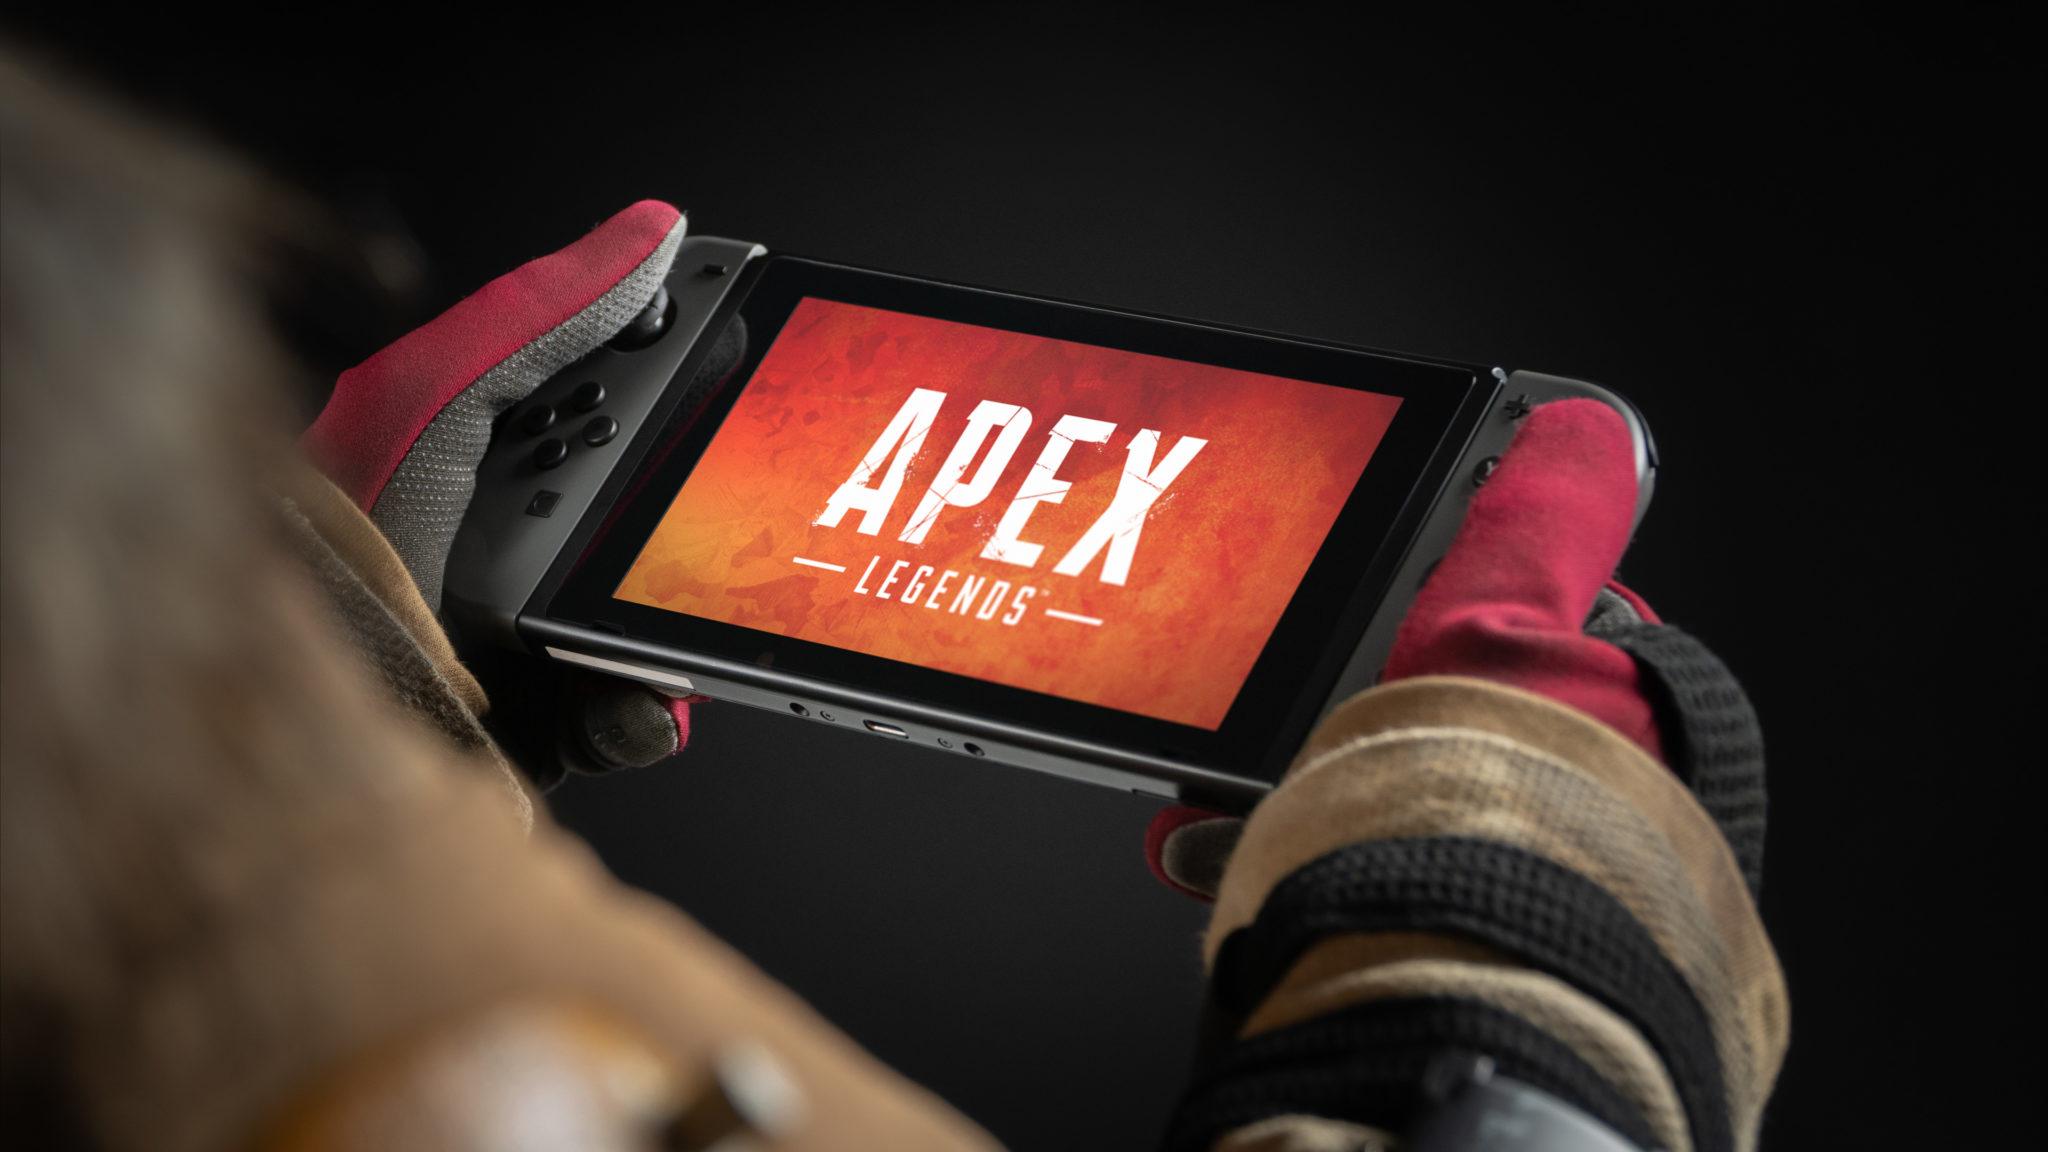 【APEX】Switch版エーペックスは「Nintendo Switch Online」に加入しなくてもプレイ可能